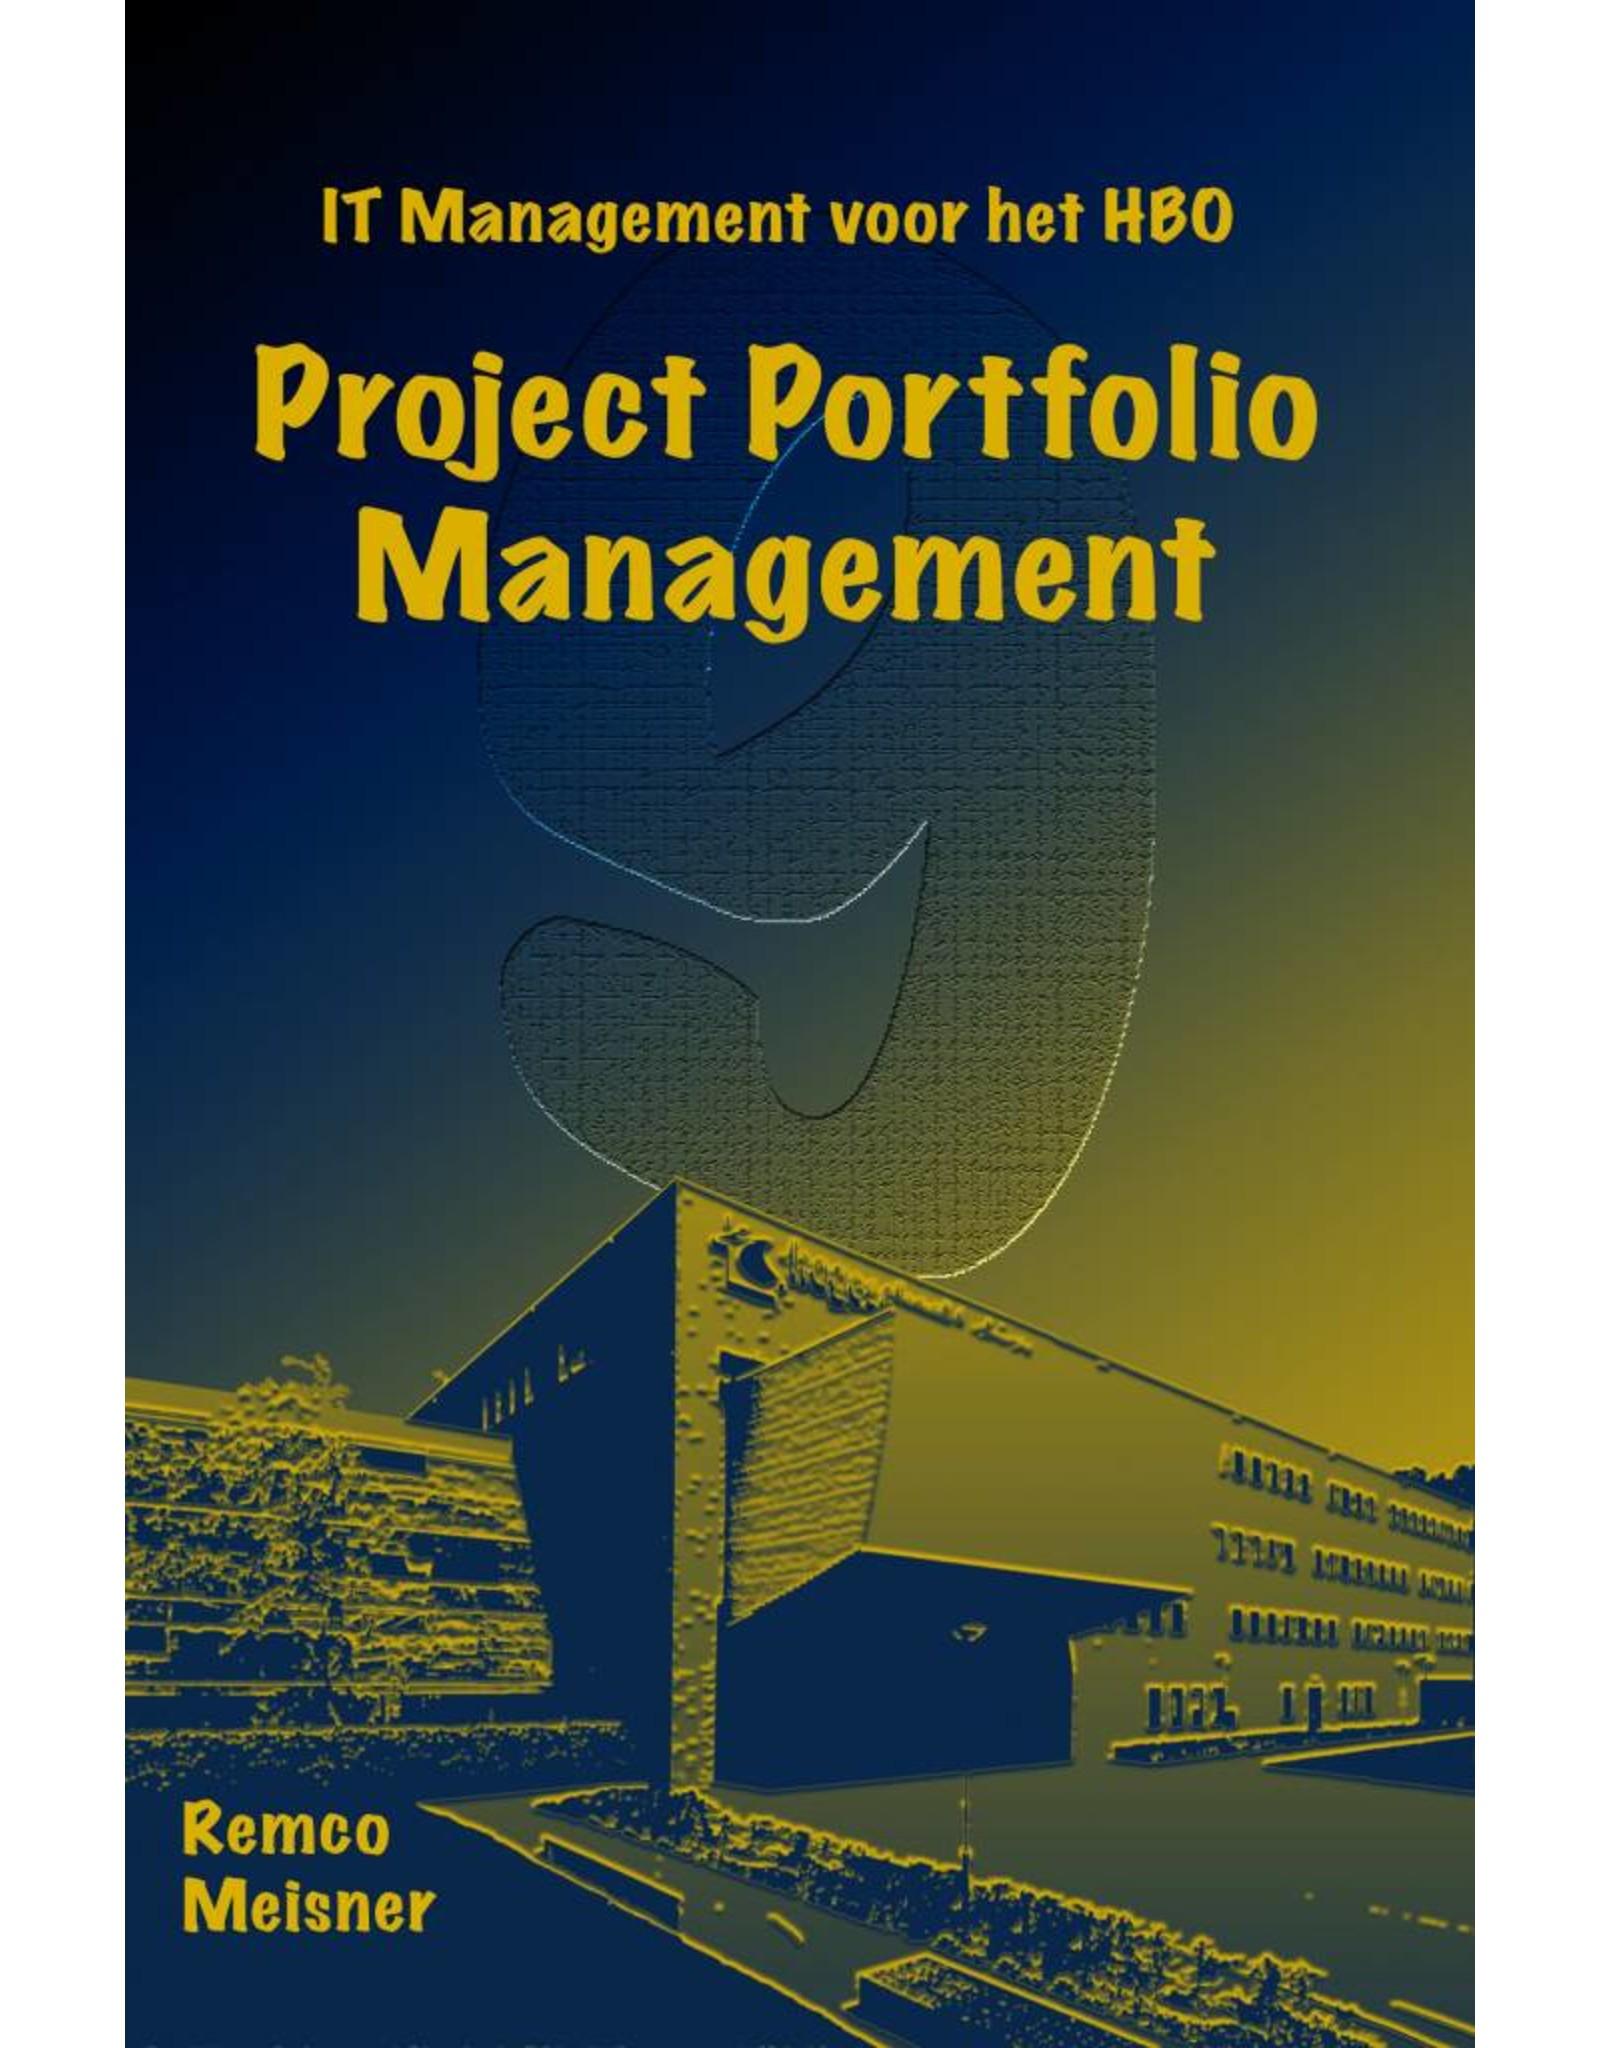 IT Management voor het HBO: Project Portfolio Management